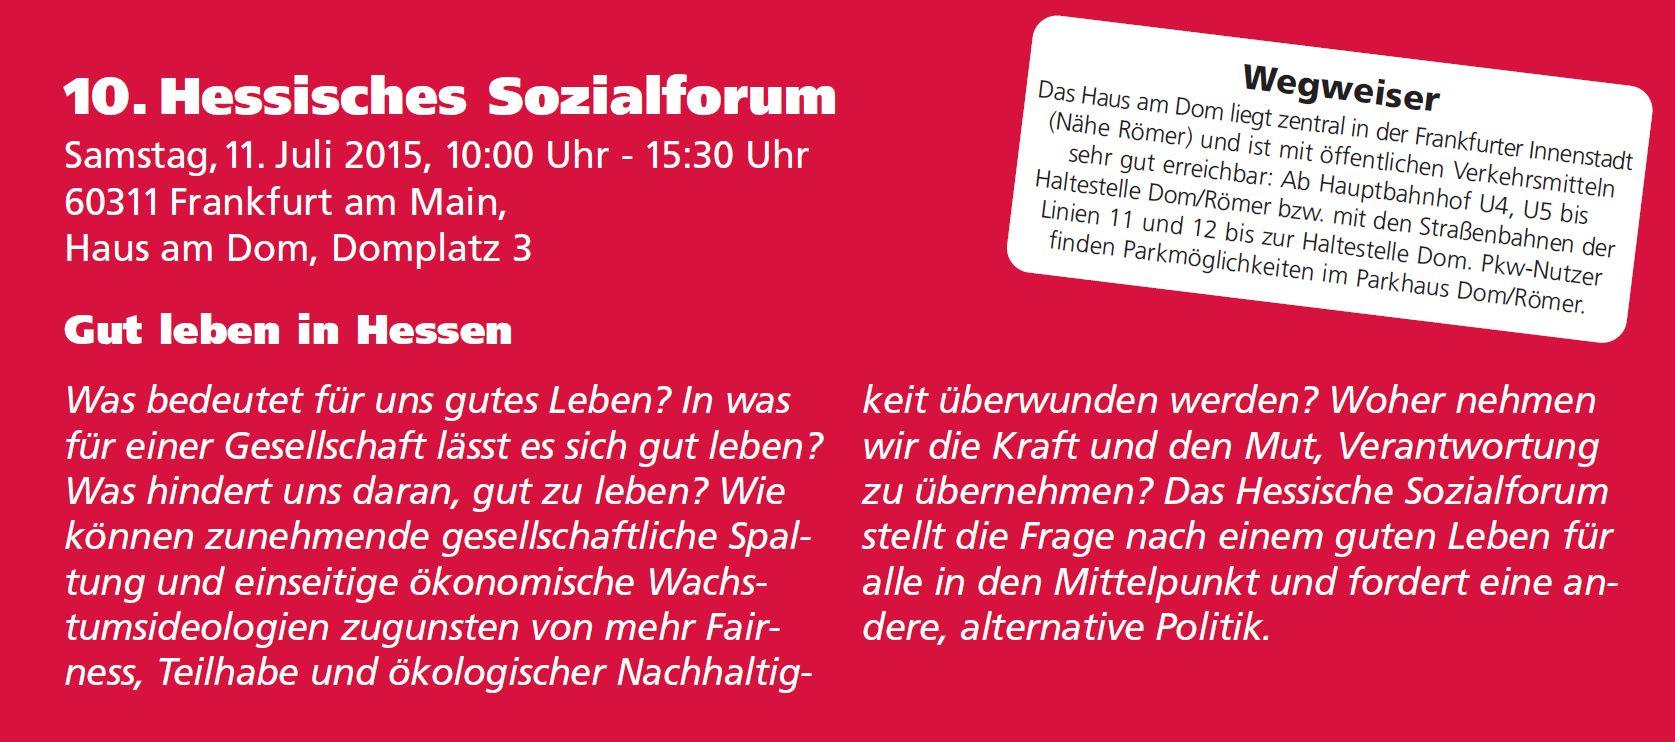 Hessisches Sozialforum